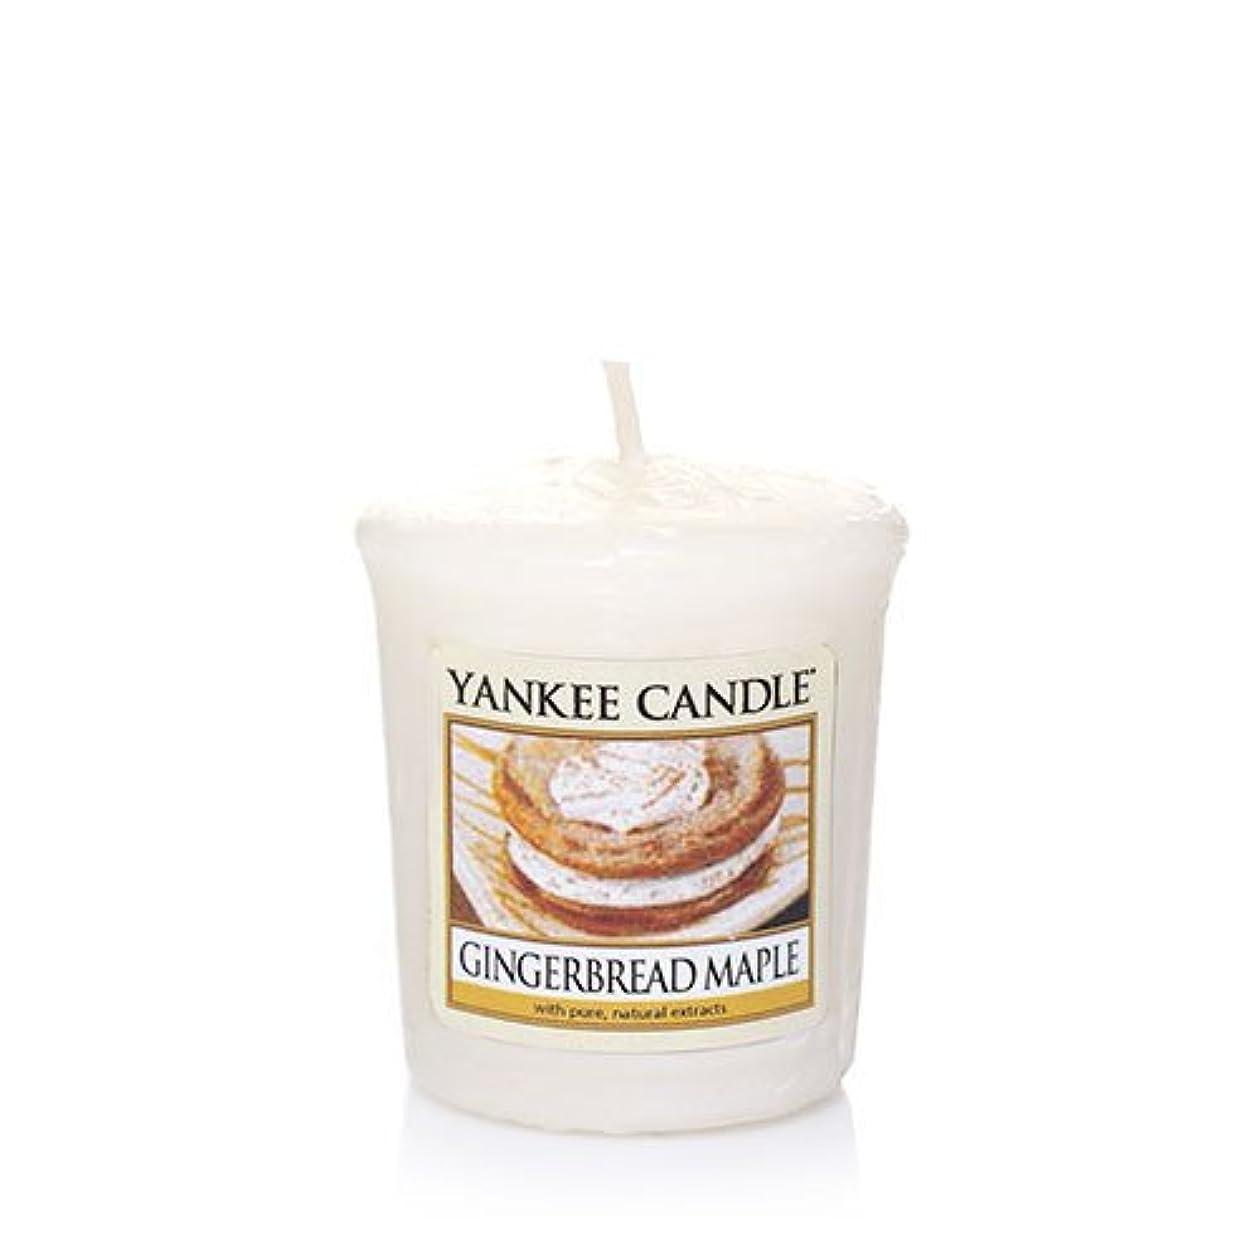 ハブ文明化悲惨なYankee Candle Gingerbread Maple Samplers Votive Candle、Festive香り